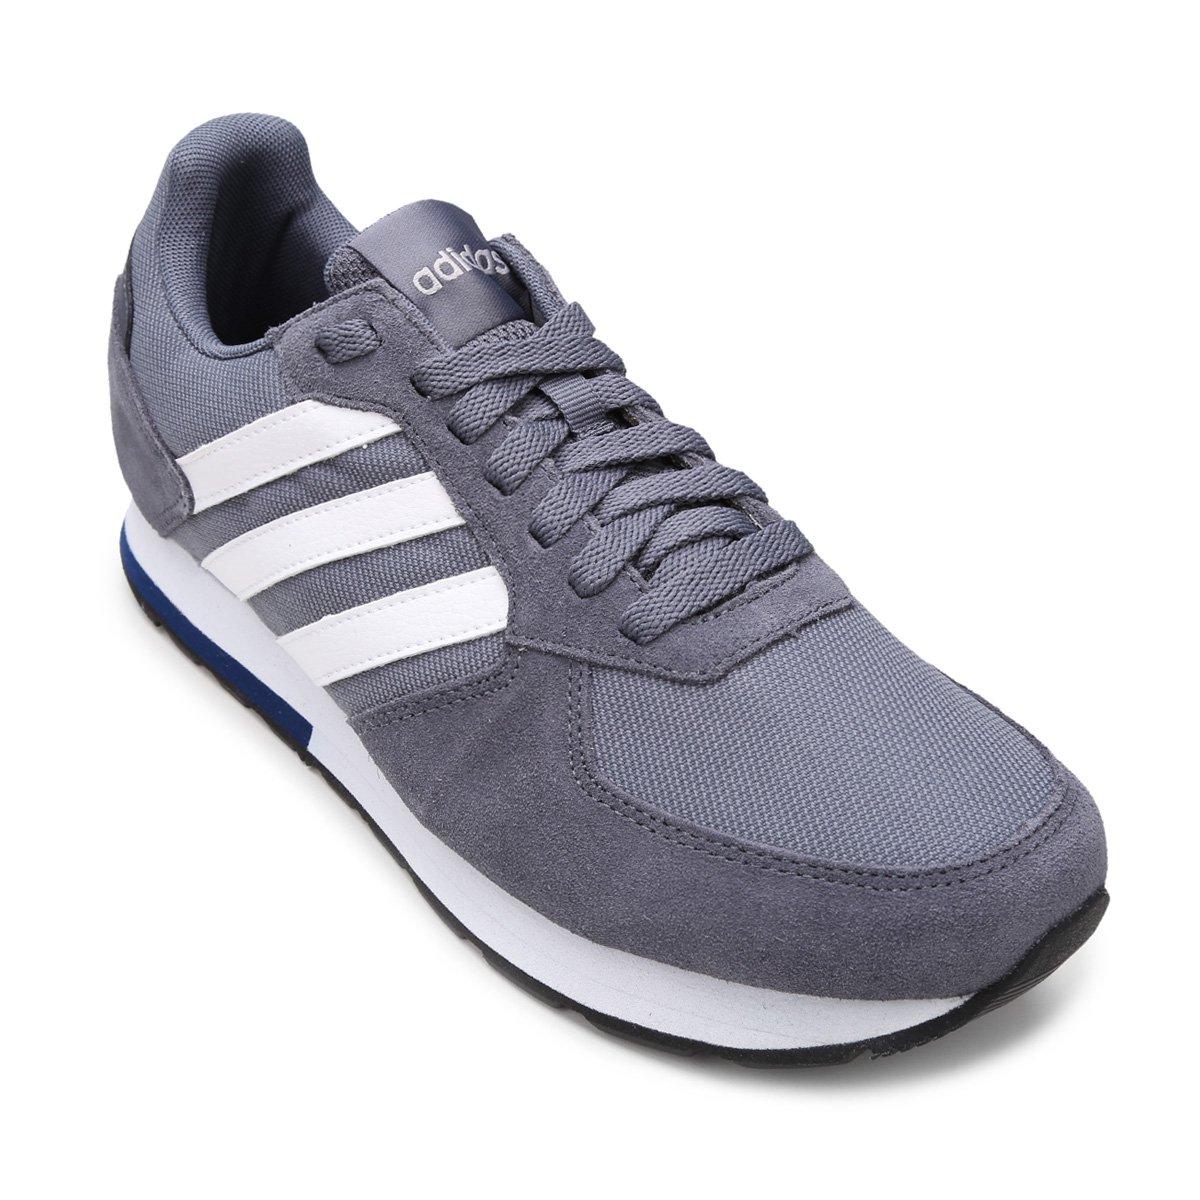 6669629c6c5 Tênis Adidas 8K Masculino - Branco e Preto - Compre Agora